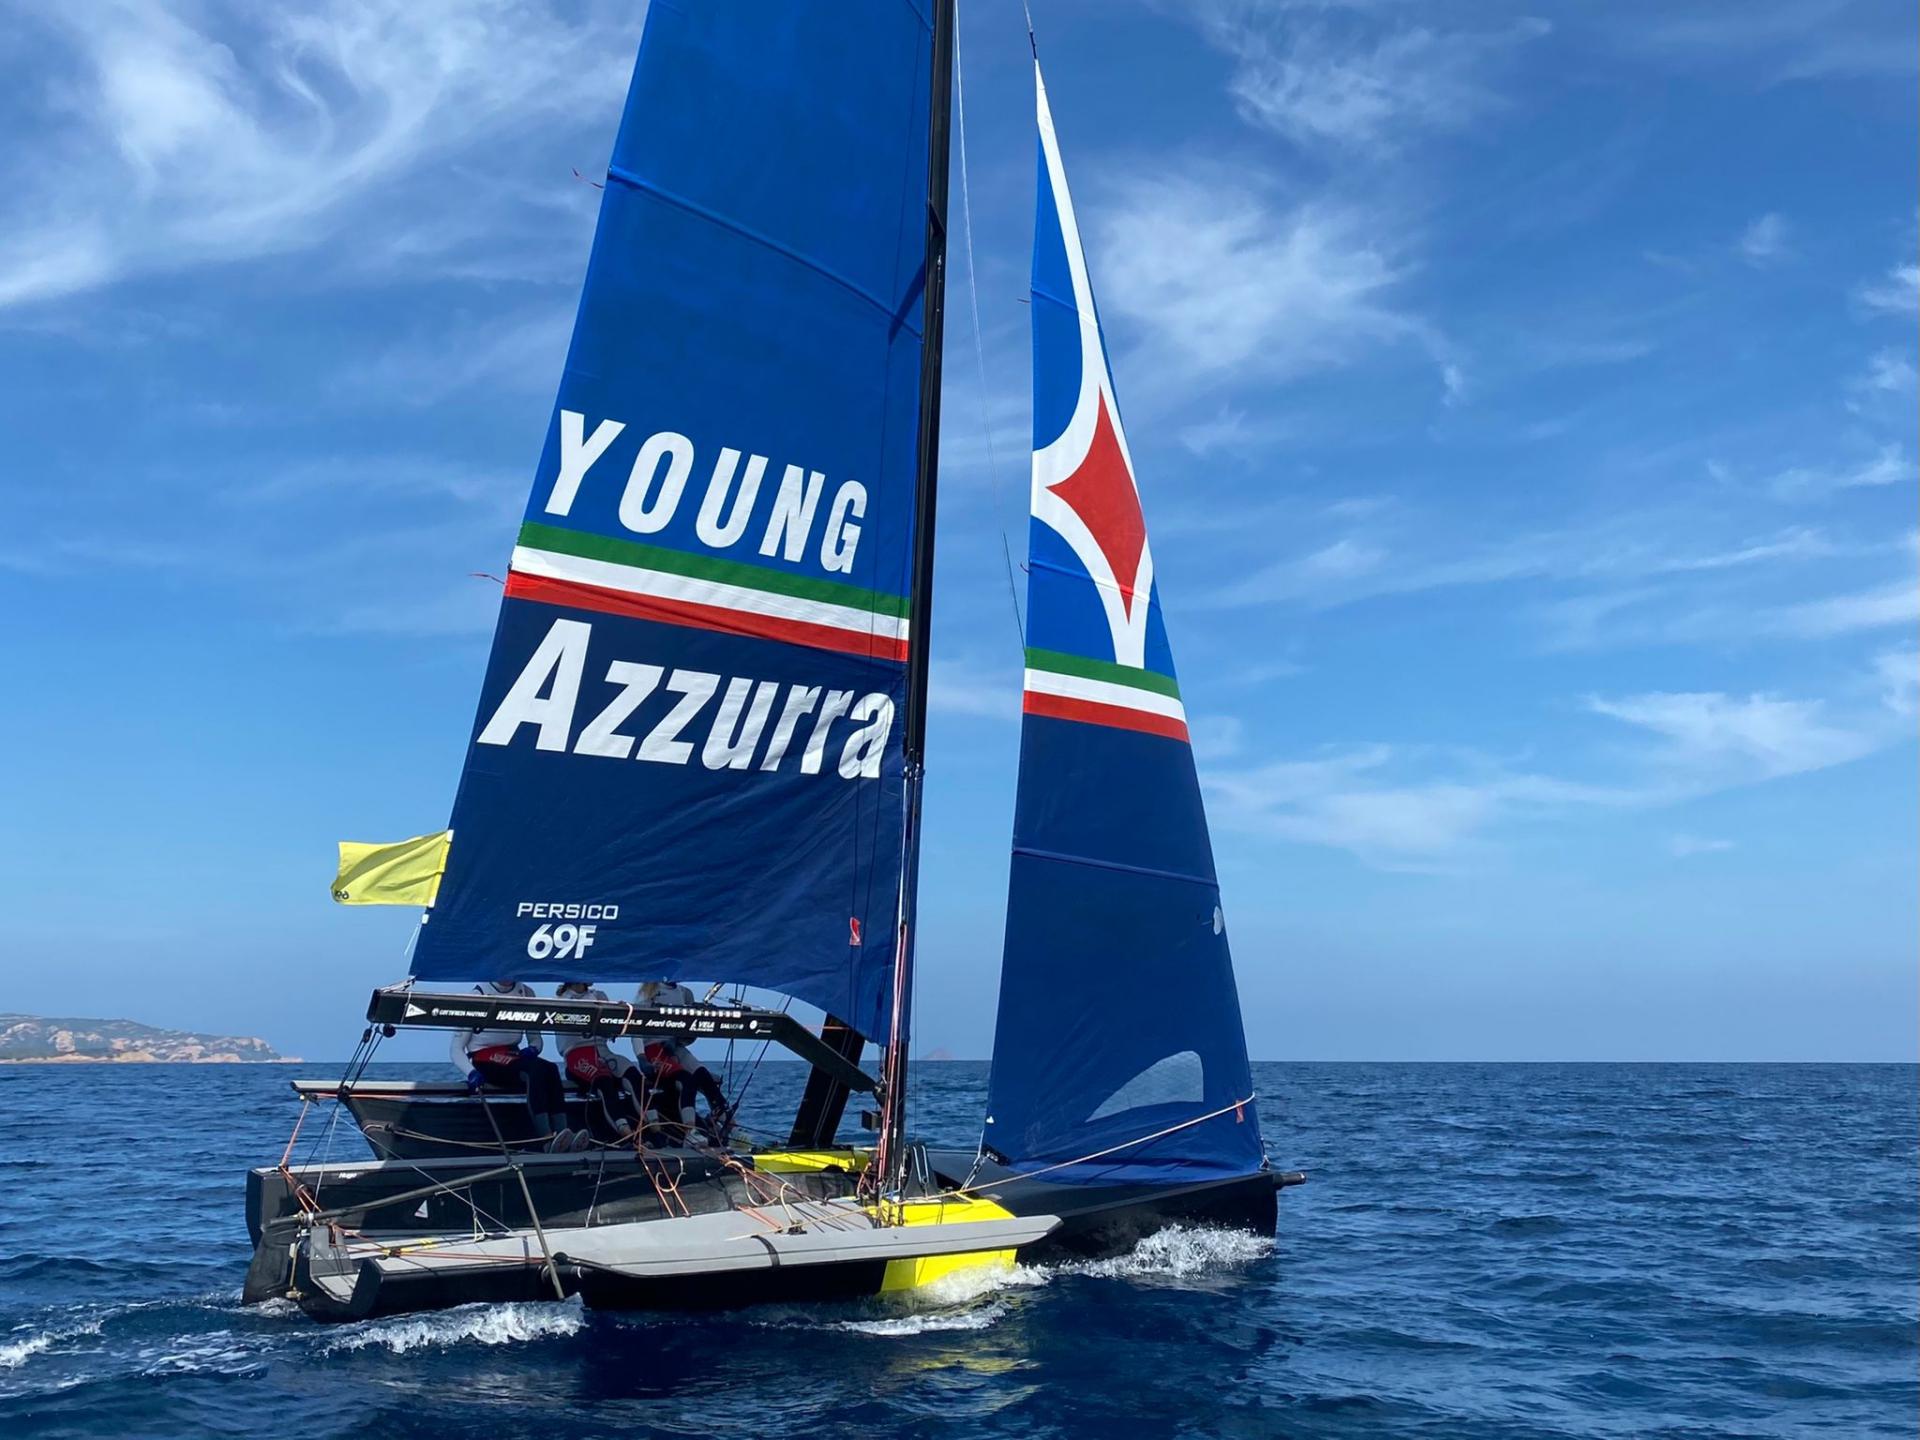 Nulla di fatto per la prima giornata del Grand Prix 4.1 Persico 69F Cup - NEWS - Yacht Club Costa Smeralda